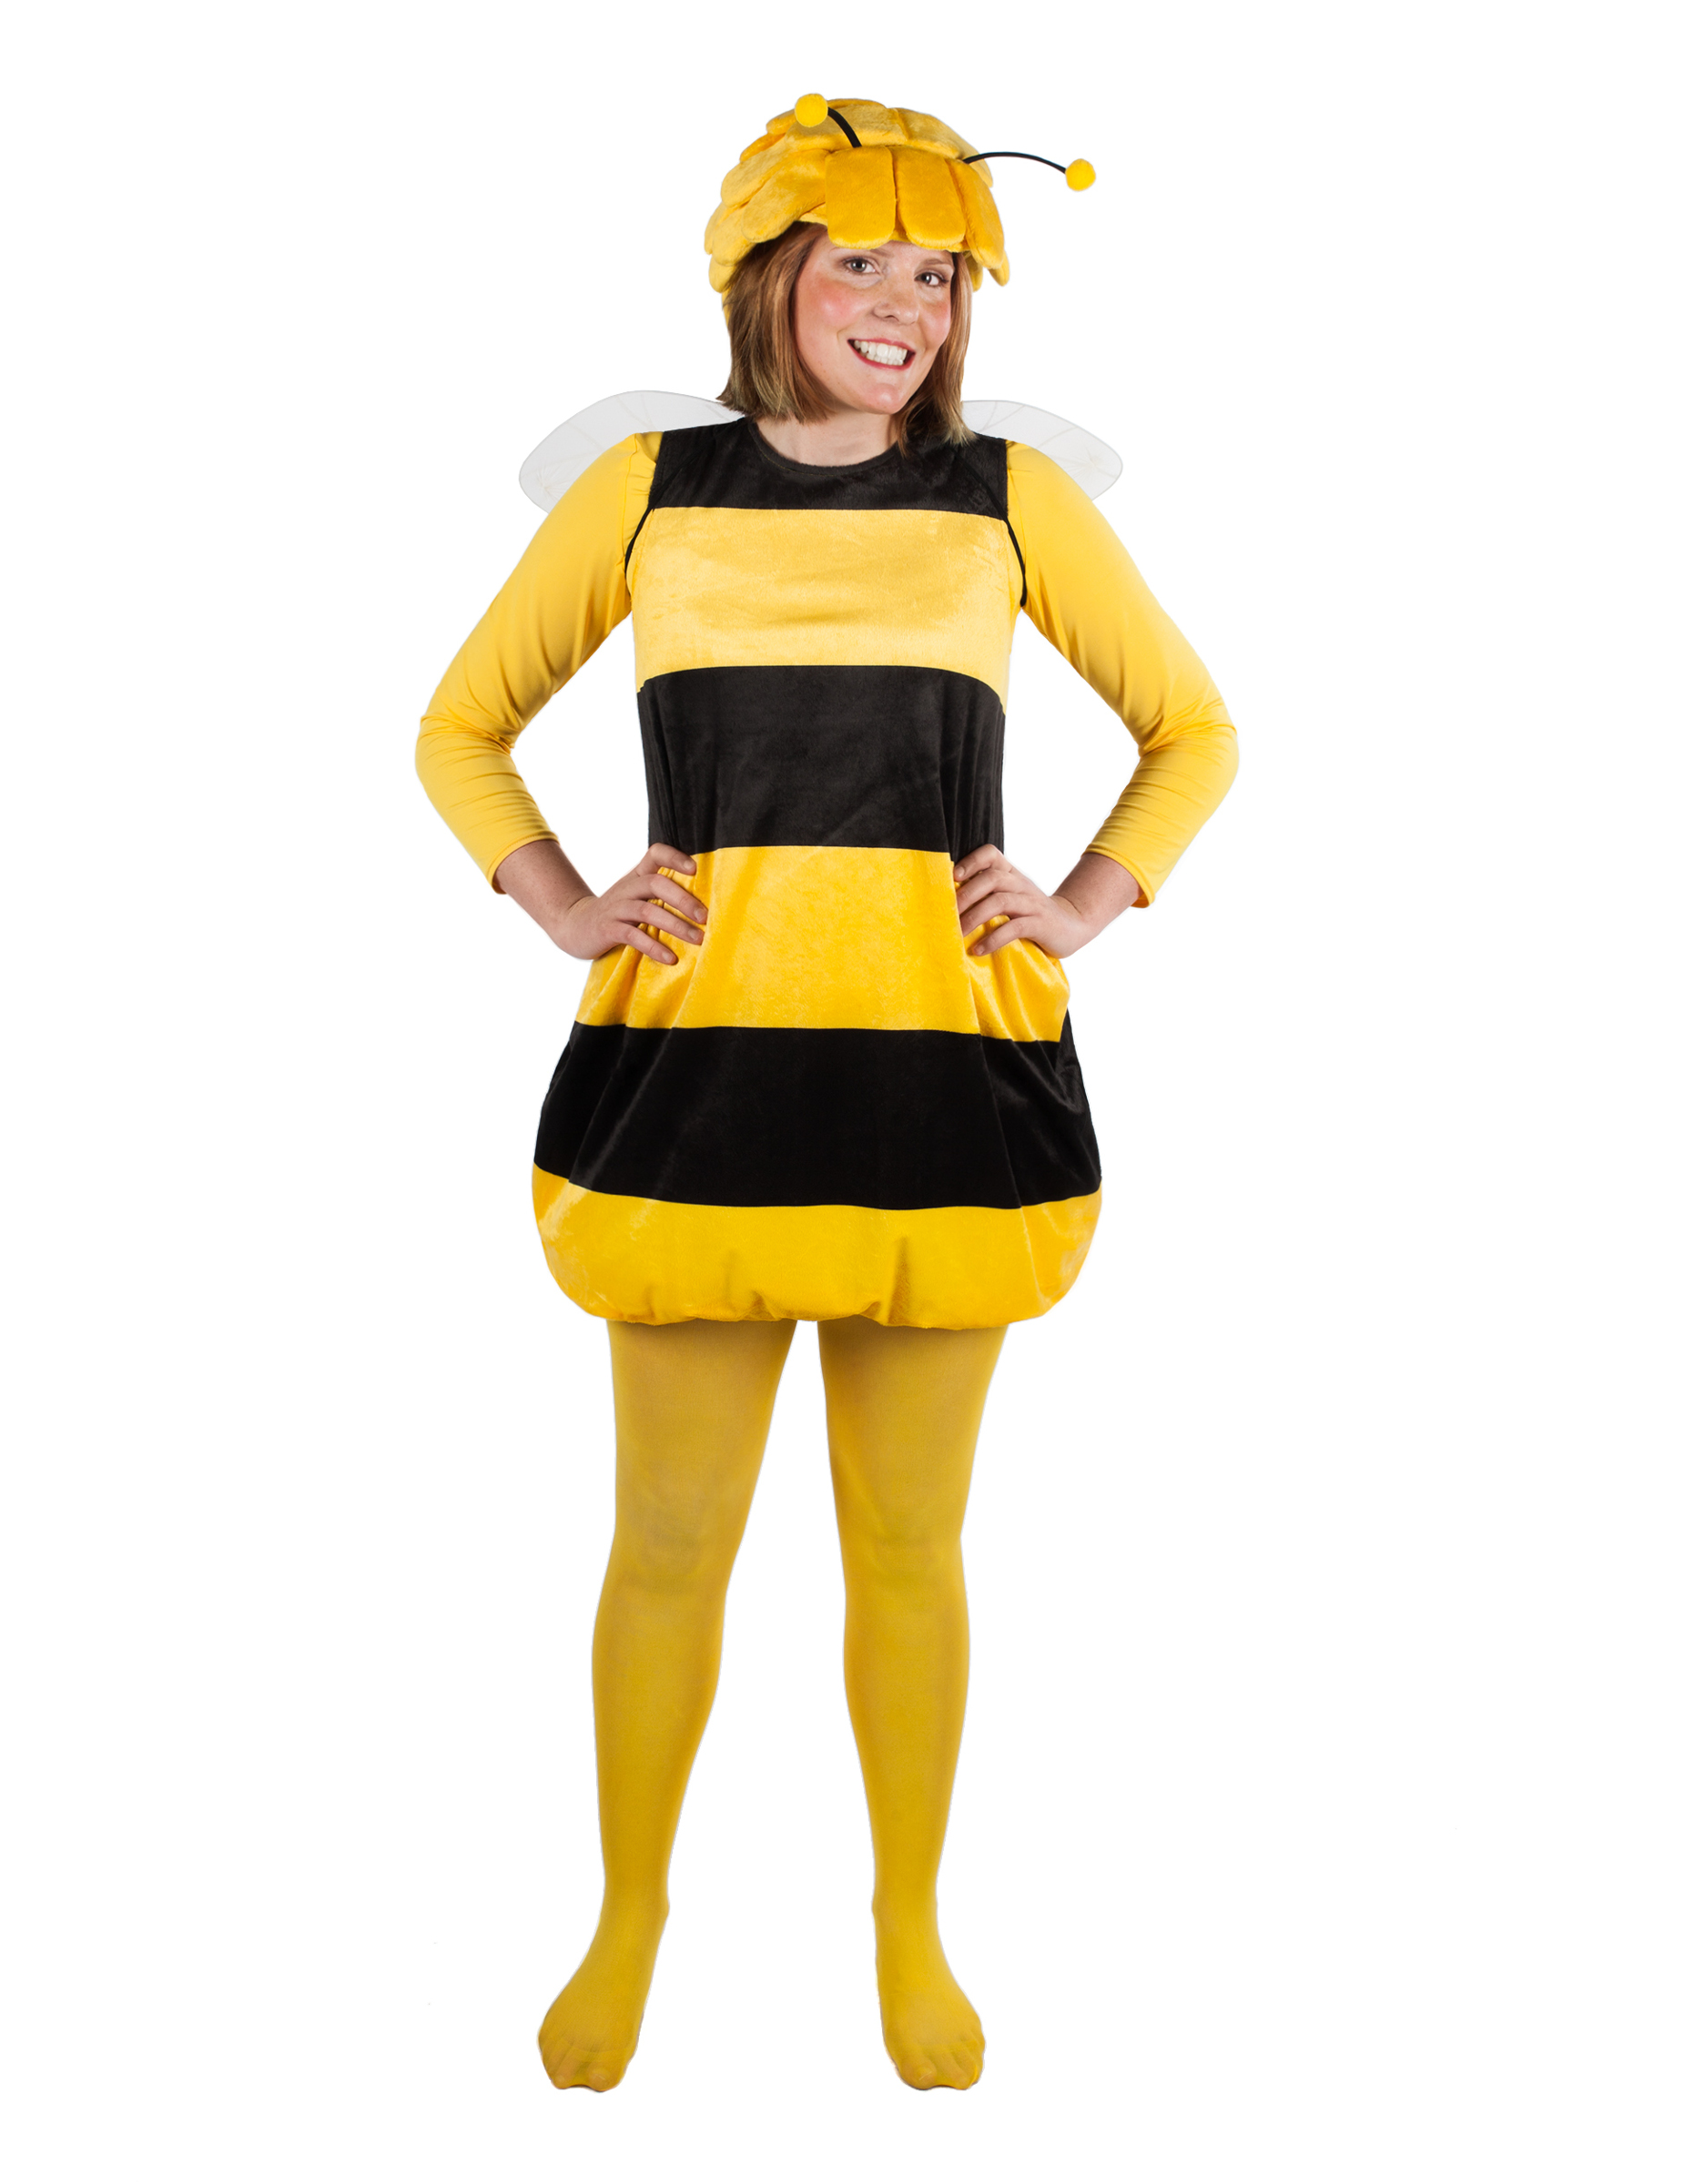 Biene Maja Damenkostum Faschingskostum Schwarz Gelb Gunstige